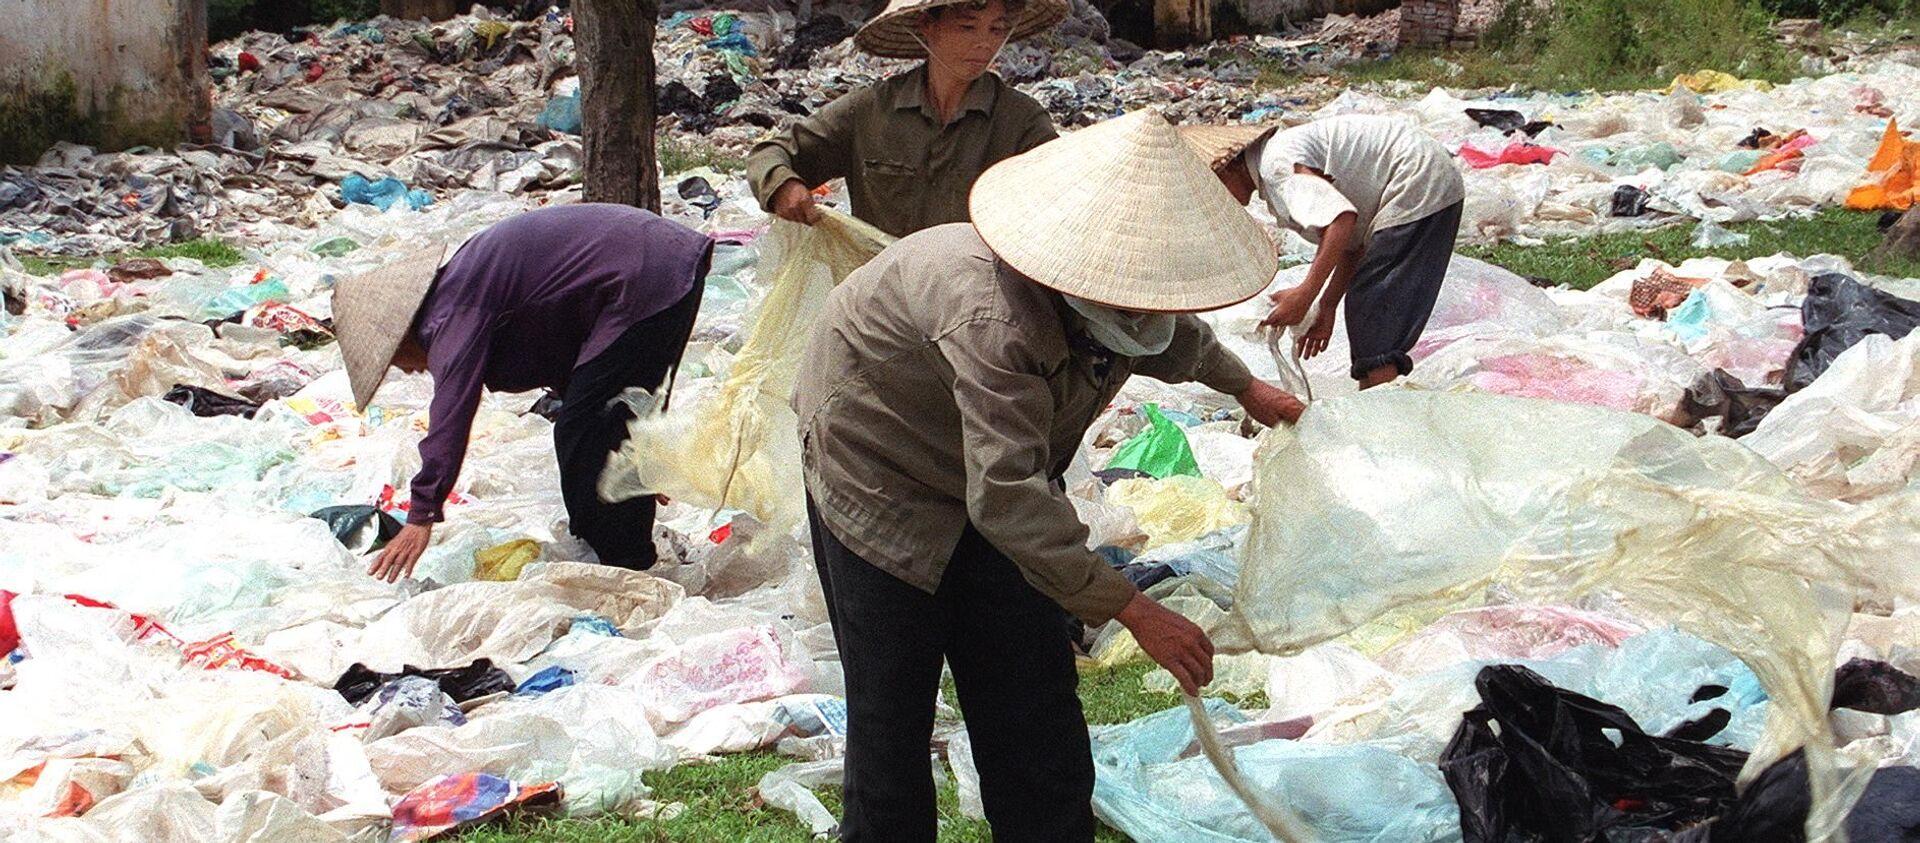 Thu thập túi nhựa trong đô thị bán cho nhà máy chế biến nhựa, Việt Nam - Sputnik Việt Nam, 1920, 07.01.2021